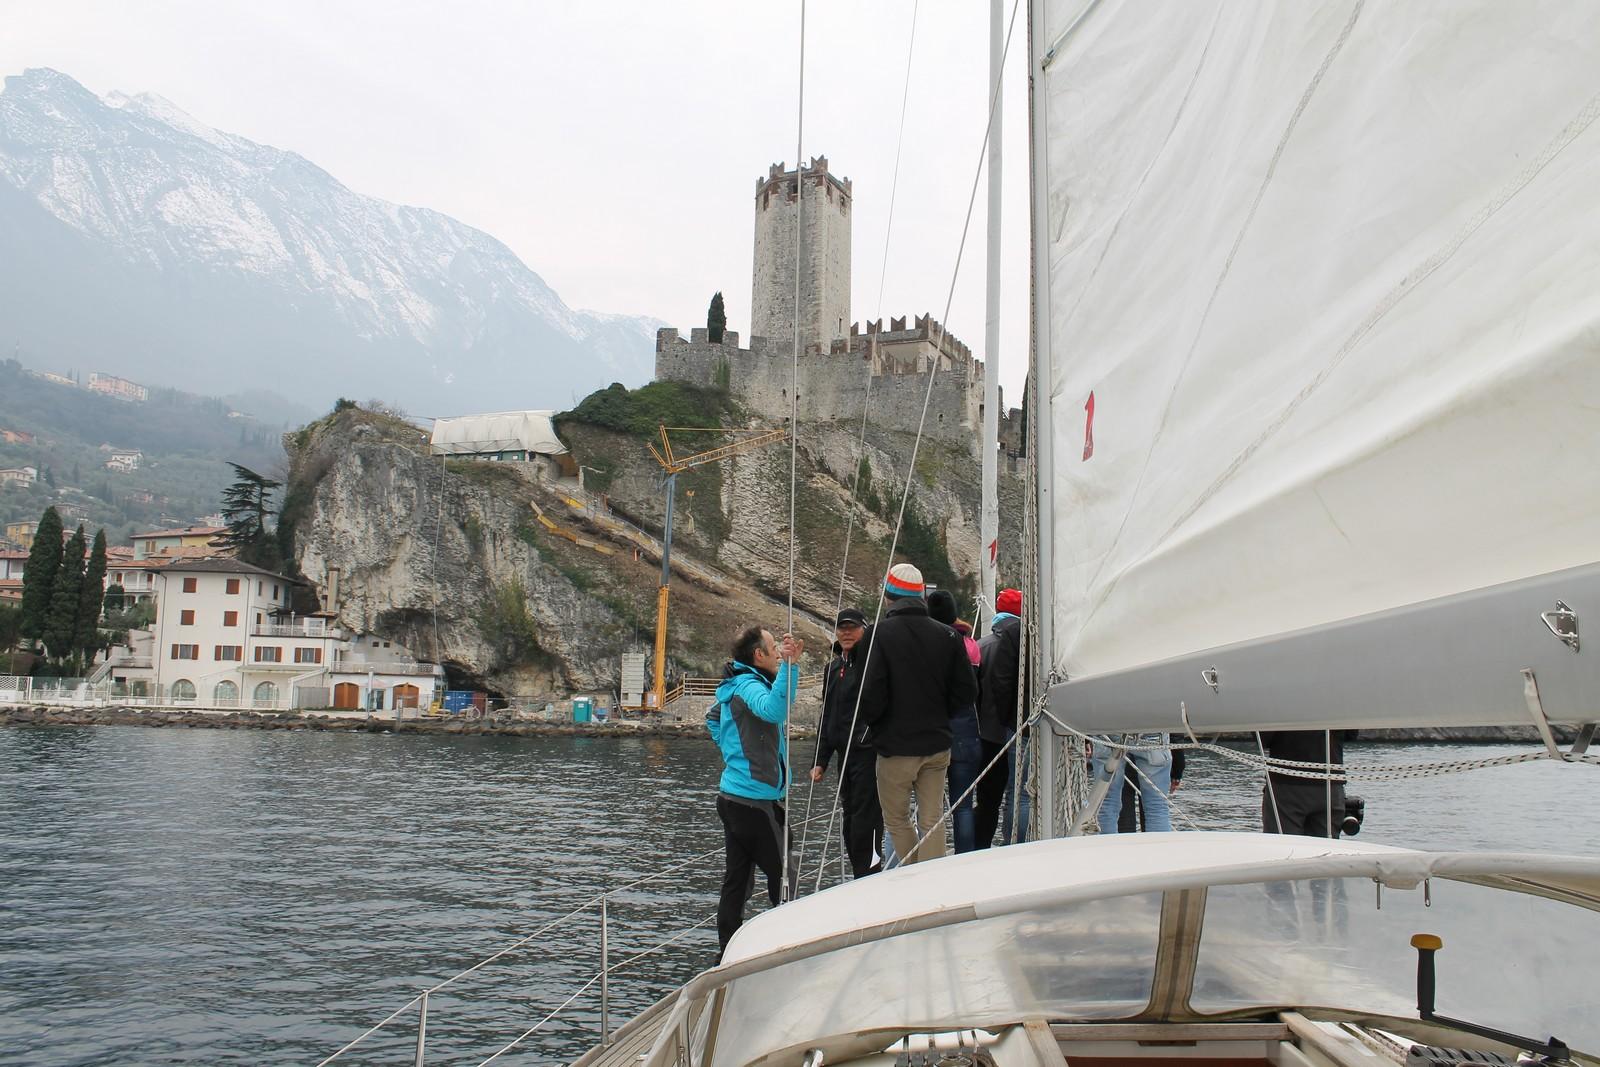 Di barca a vela e nuovi punti di vista…